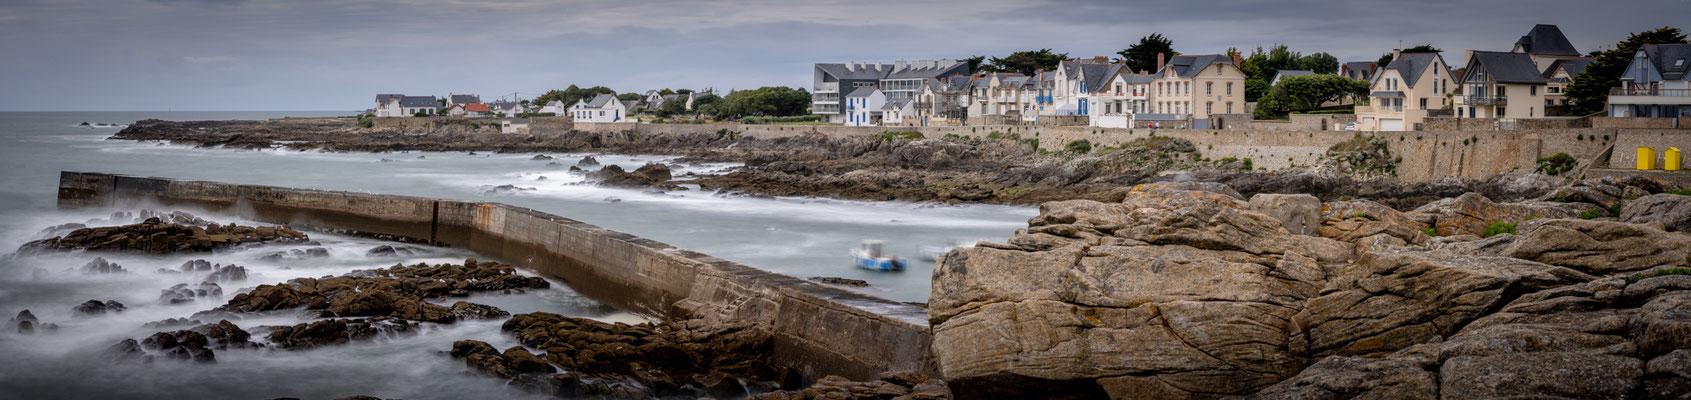 Batz sur mer - jour - océan - Atlantique - digue - pose longue - maisons - plage